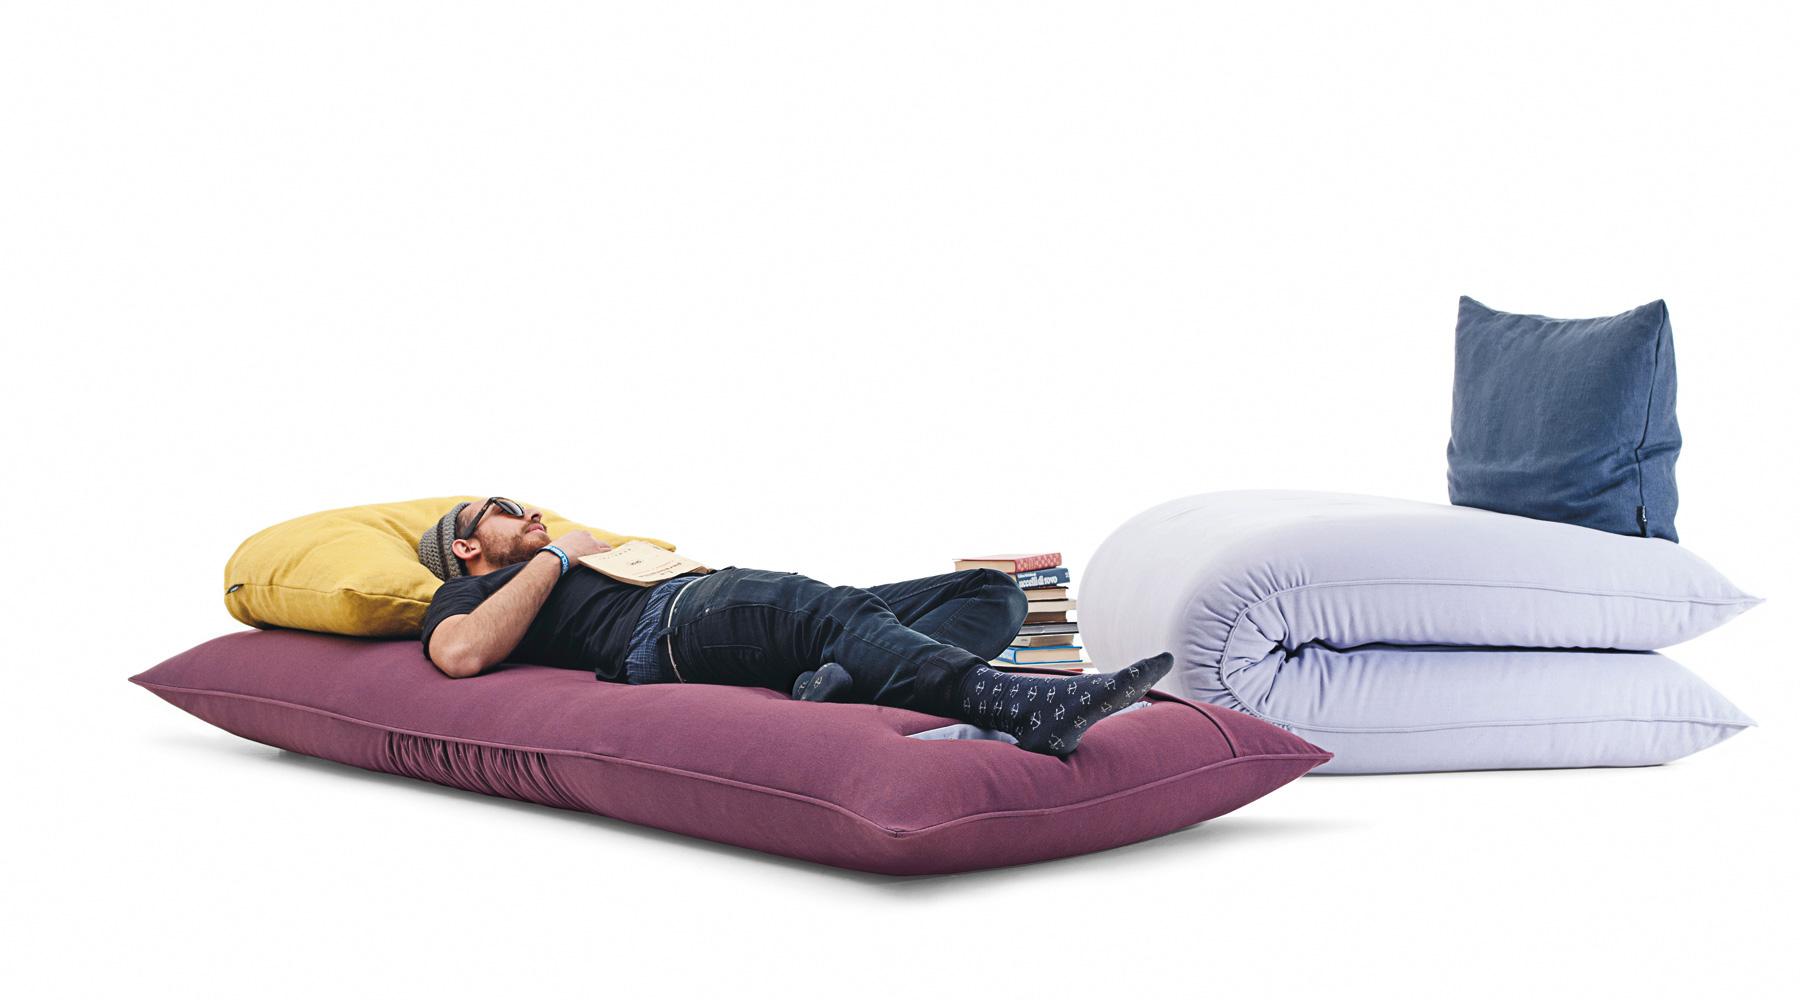 delfanti arredamenti chama armchair sofa